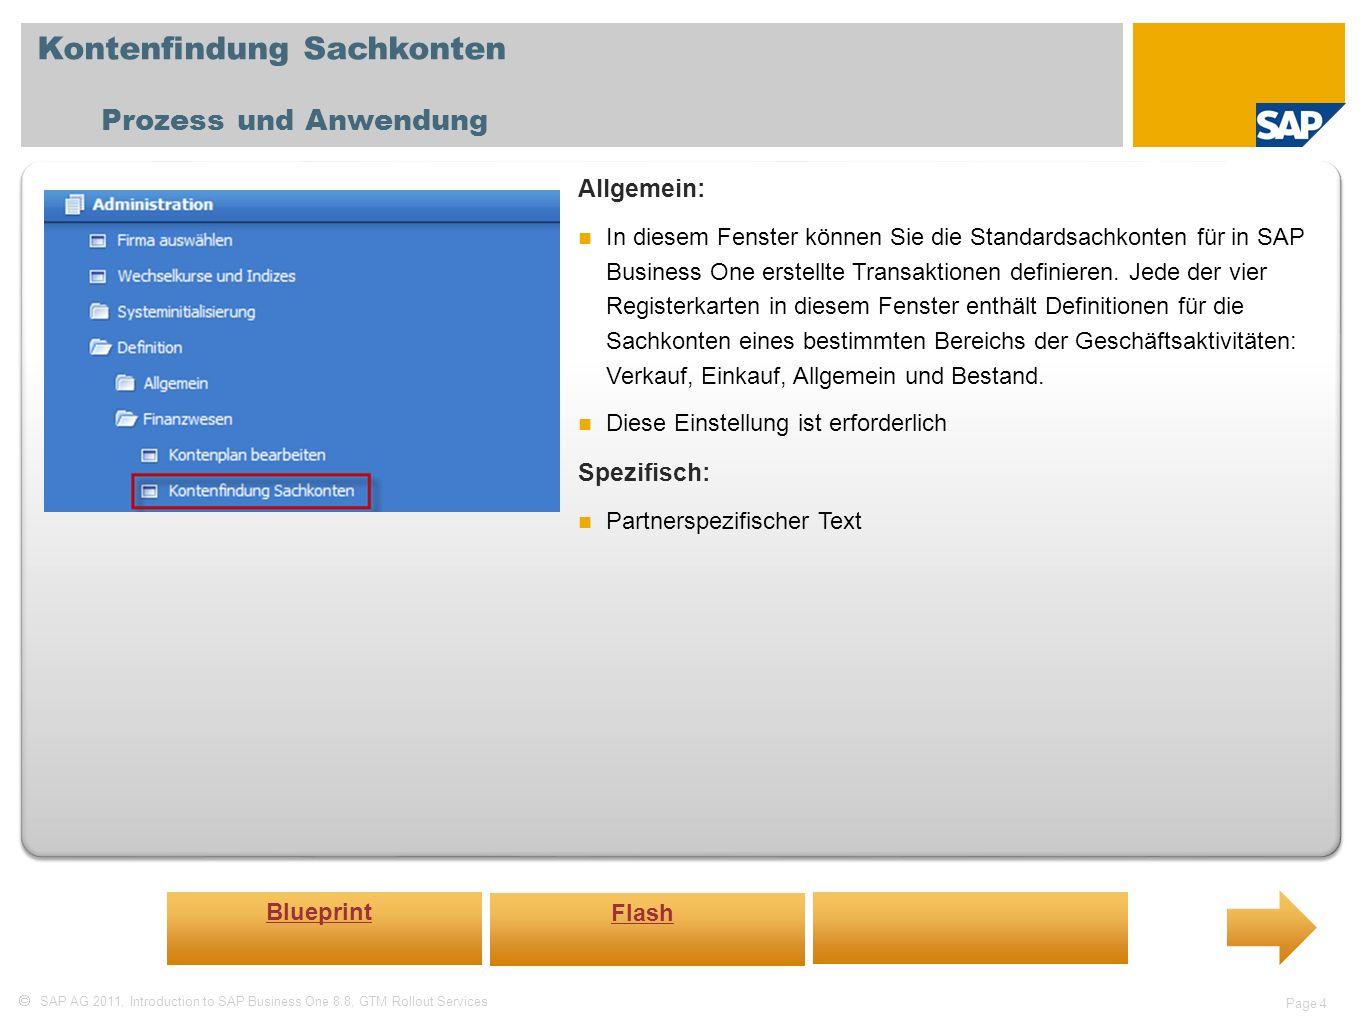 SAP AG 2011, Introduction to SAP Business One 8.8, GTM Rollout Services Page 25 Kreditkarten Prozess und Anwendung Allgemein: In diesem Fenster spezifizieren Sie, welche Kreditkarten Sie als Zahlungsmittel von Ihren Kunden akzeptieren und mit welchen Sie Ihre Lieferanten bezahlen.